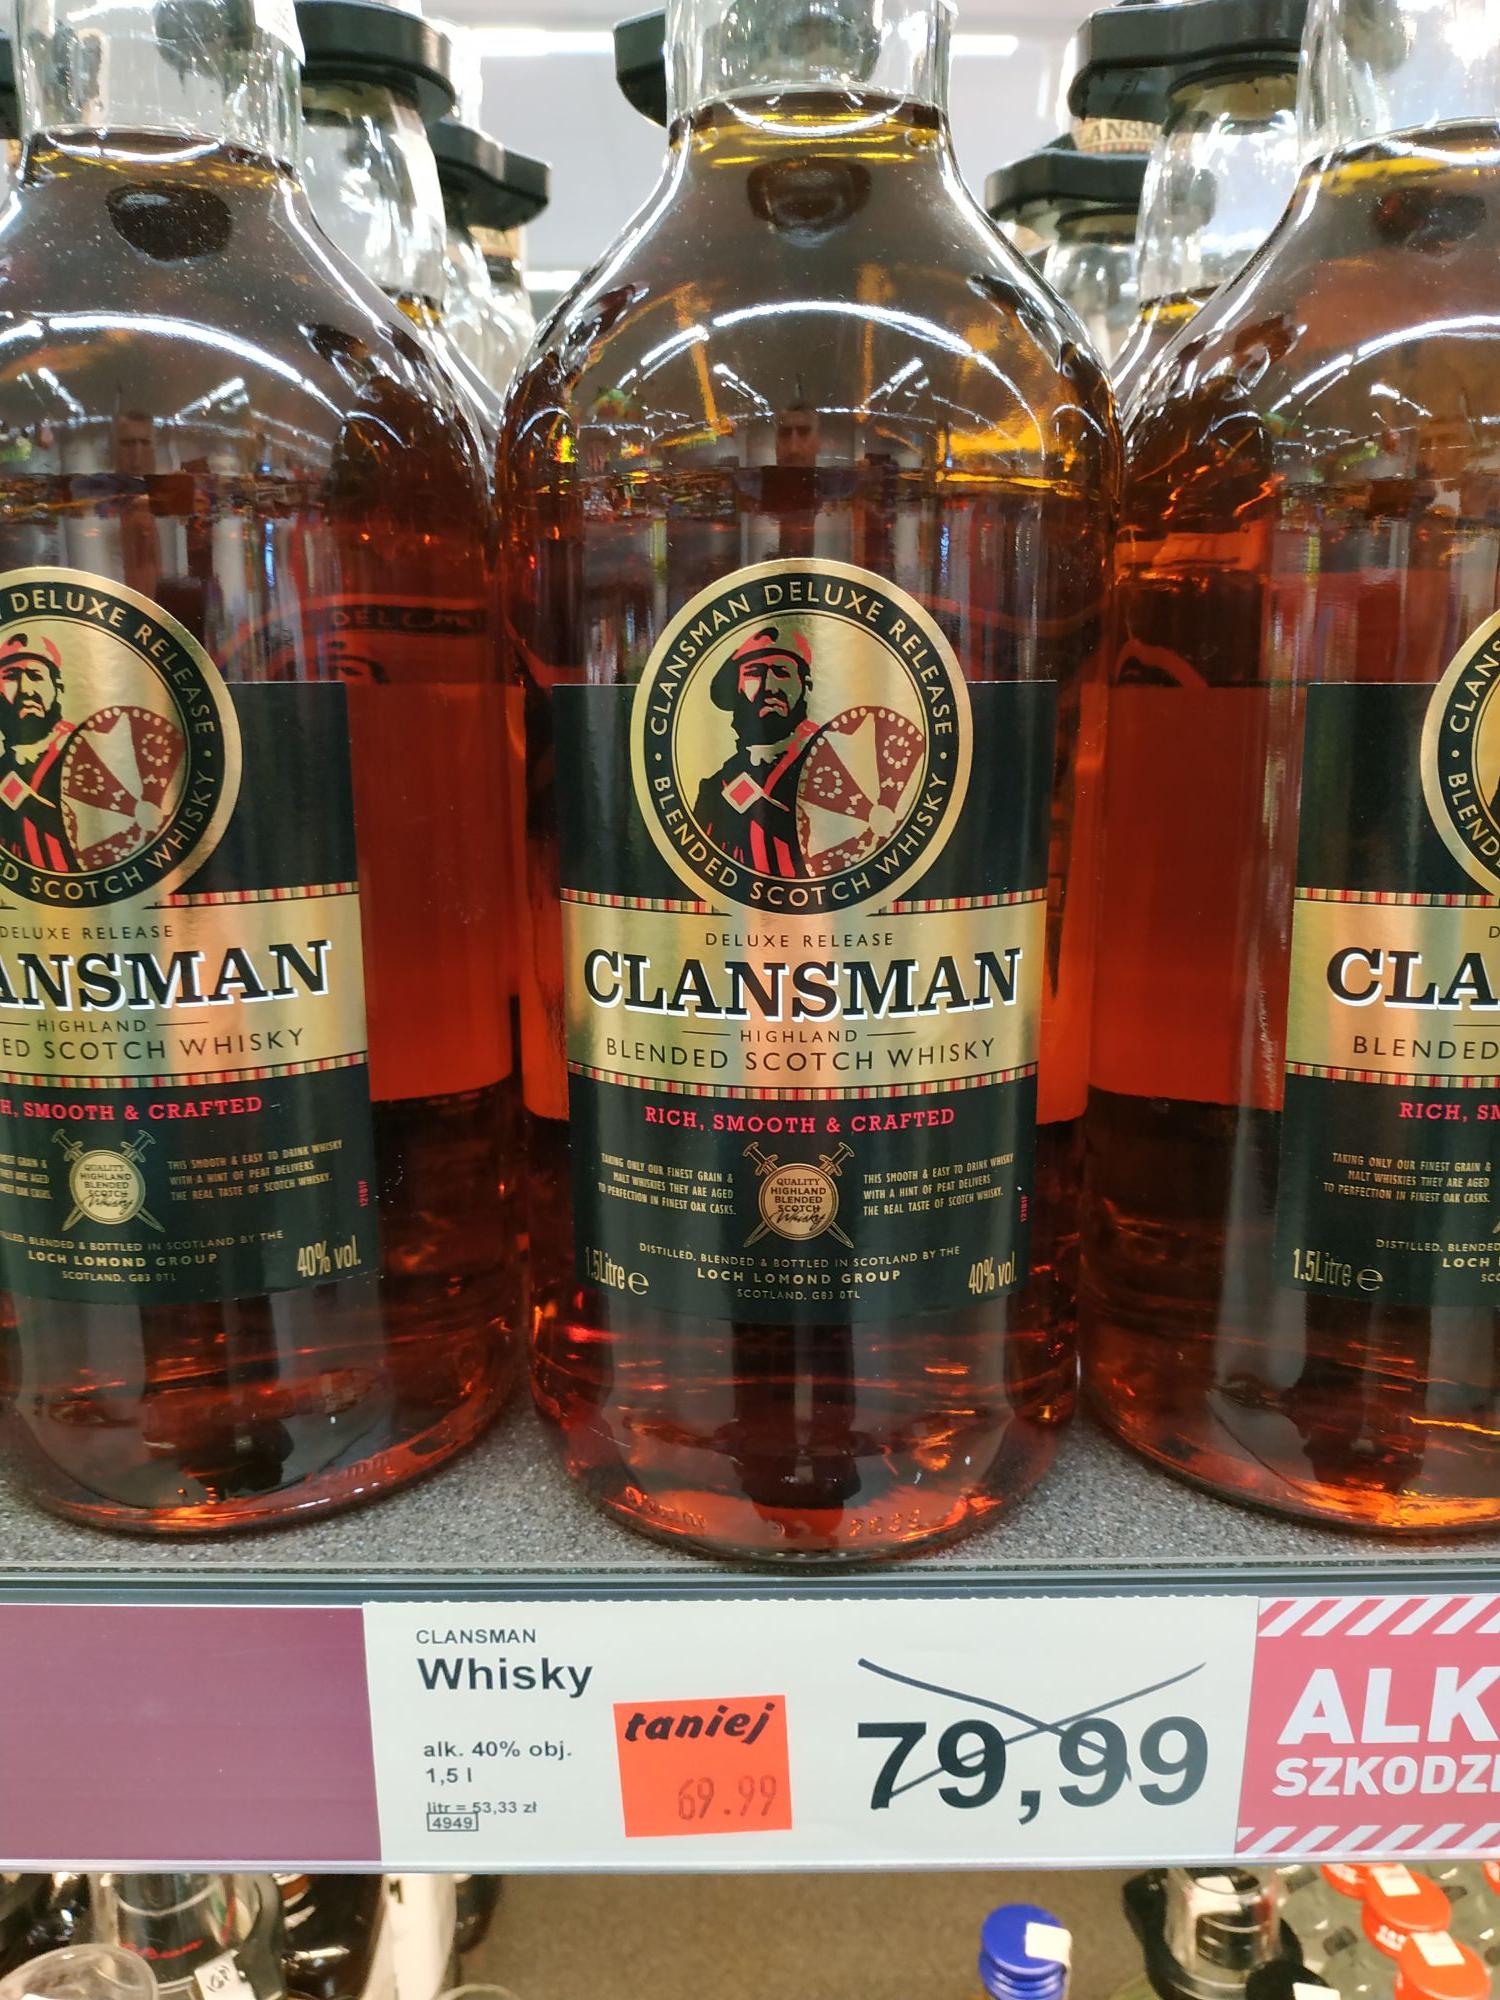 Aldi Clansman Blended Whisky 1.5l